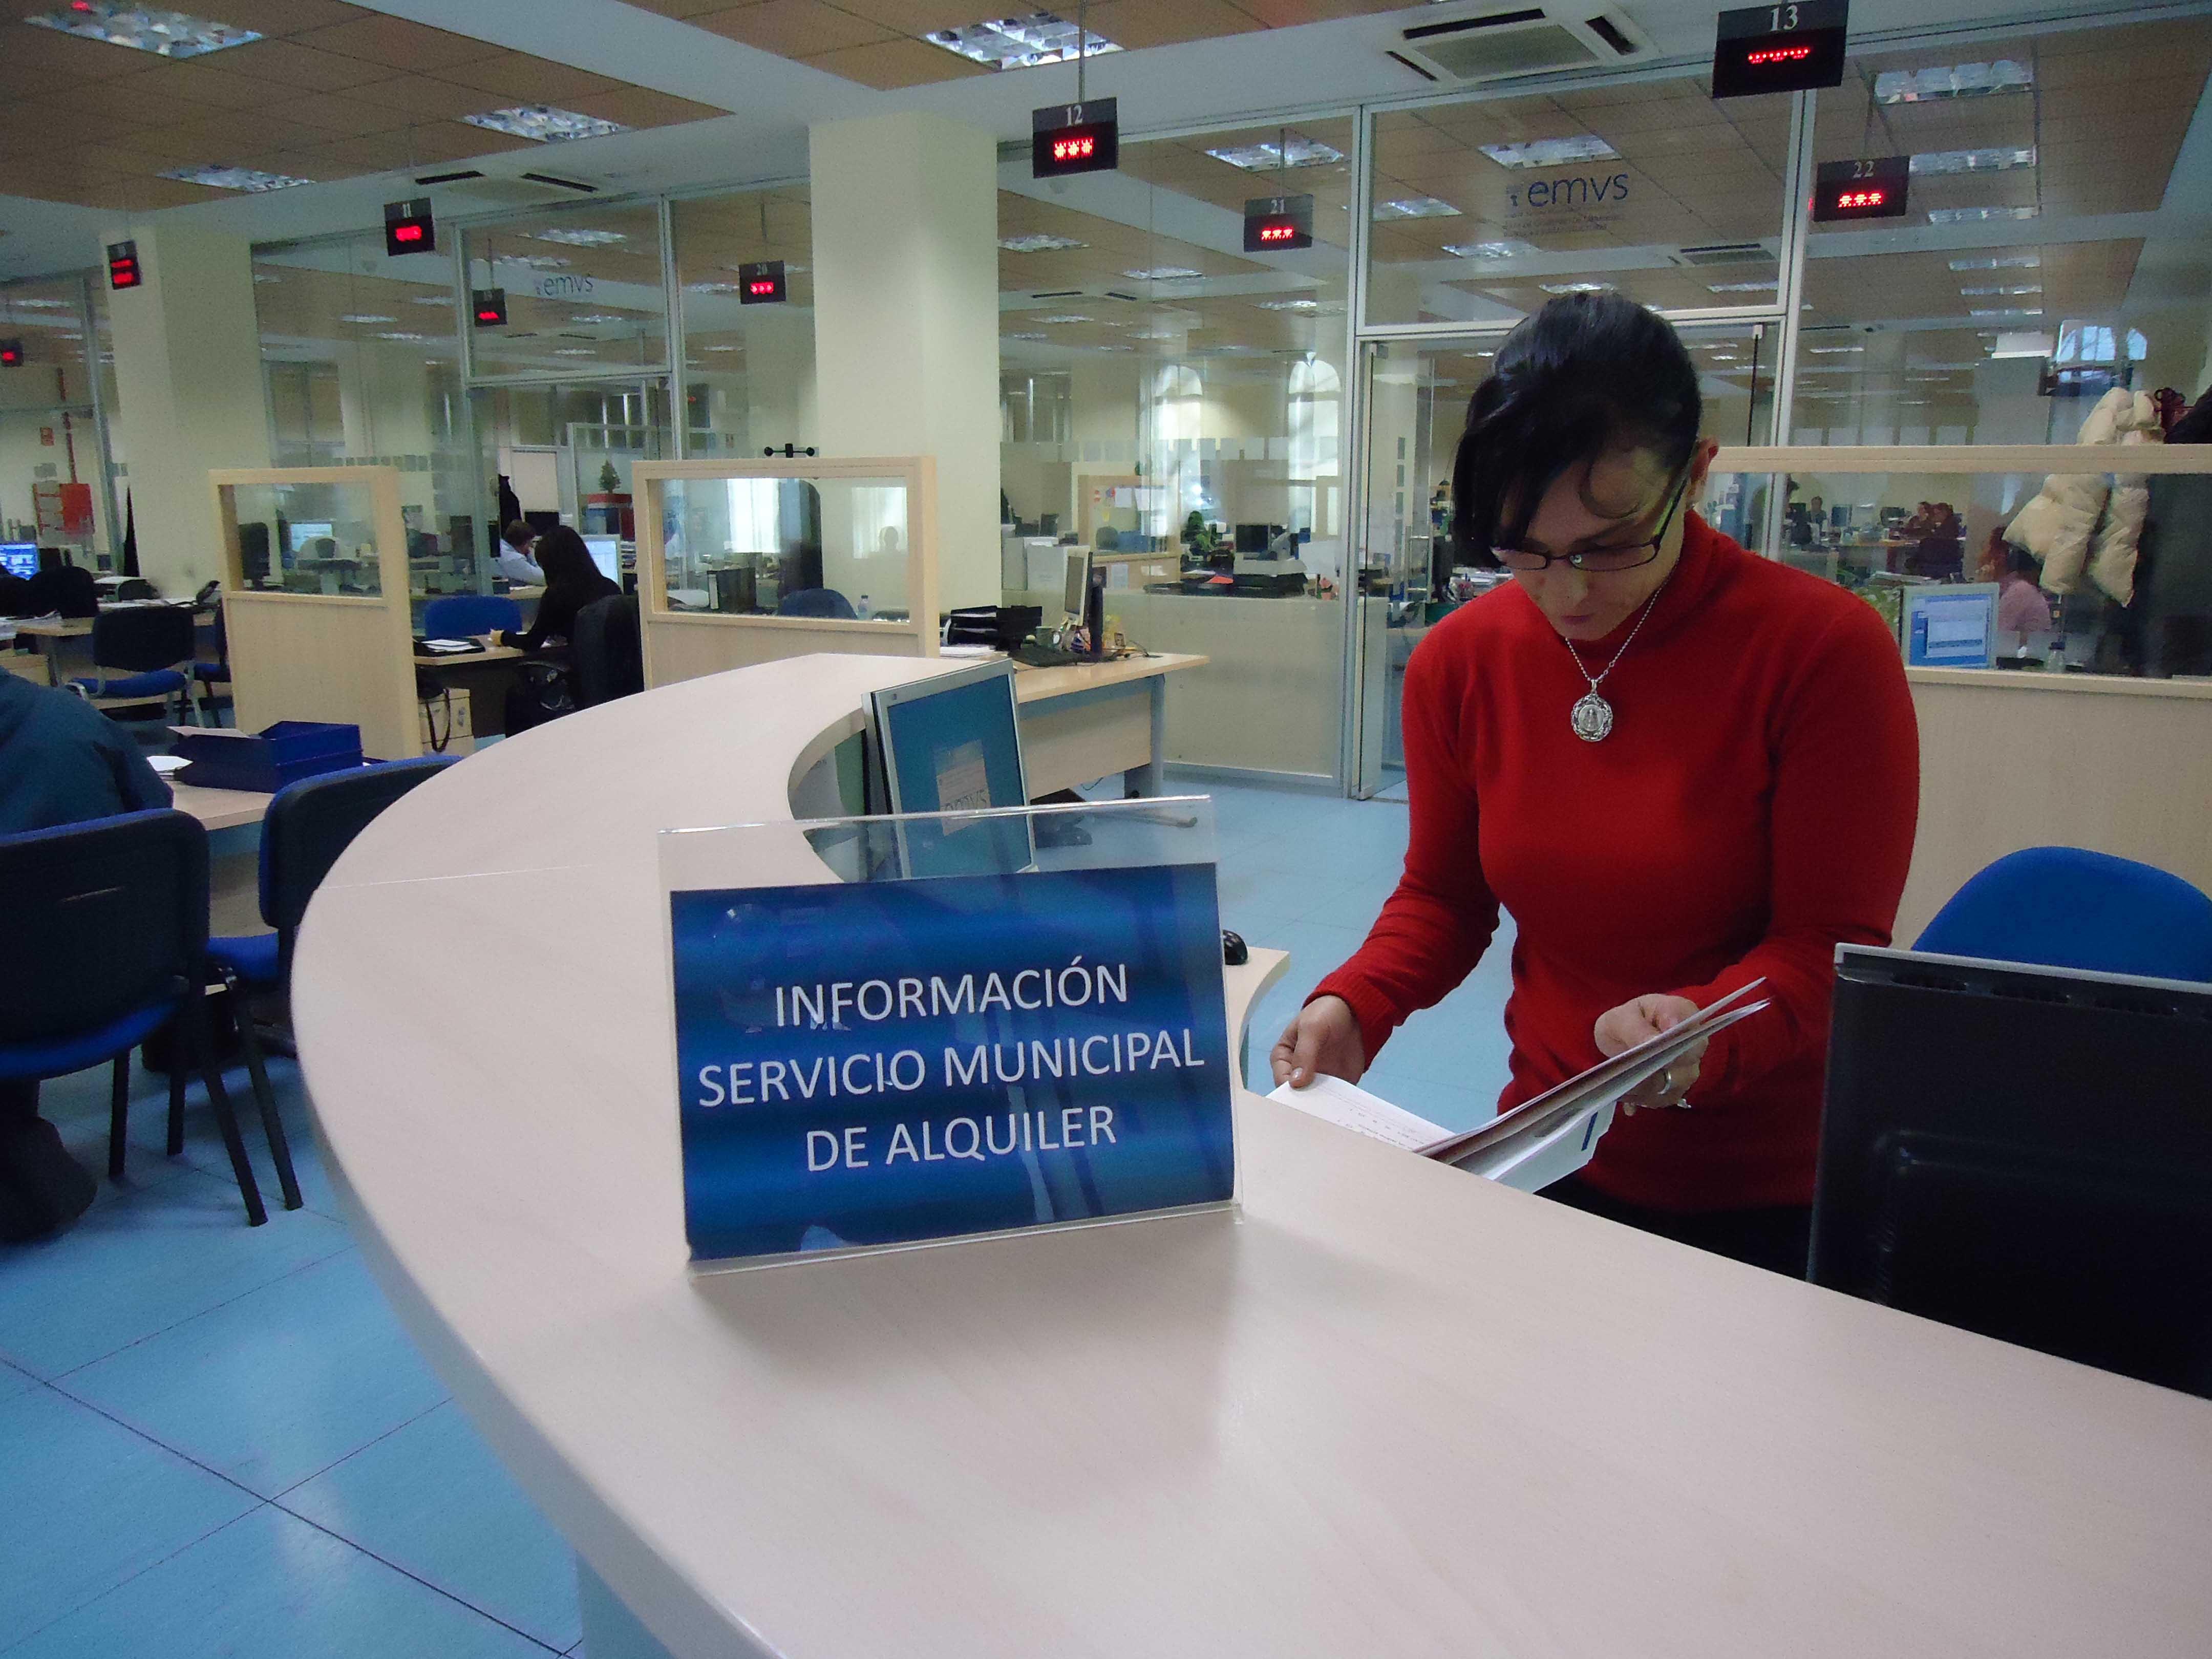 El servicio municipal de alquiler encuentra piso a personas ayuntamiento de madrid - Pisos para una persona madrid ...